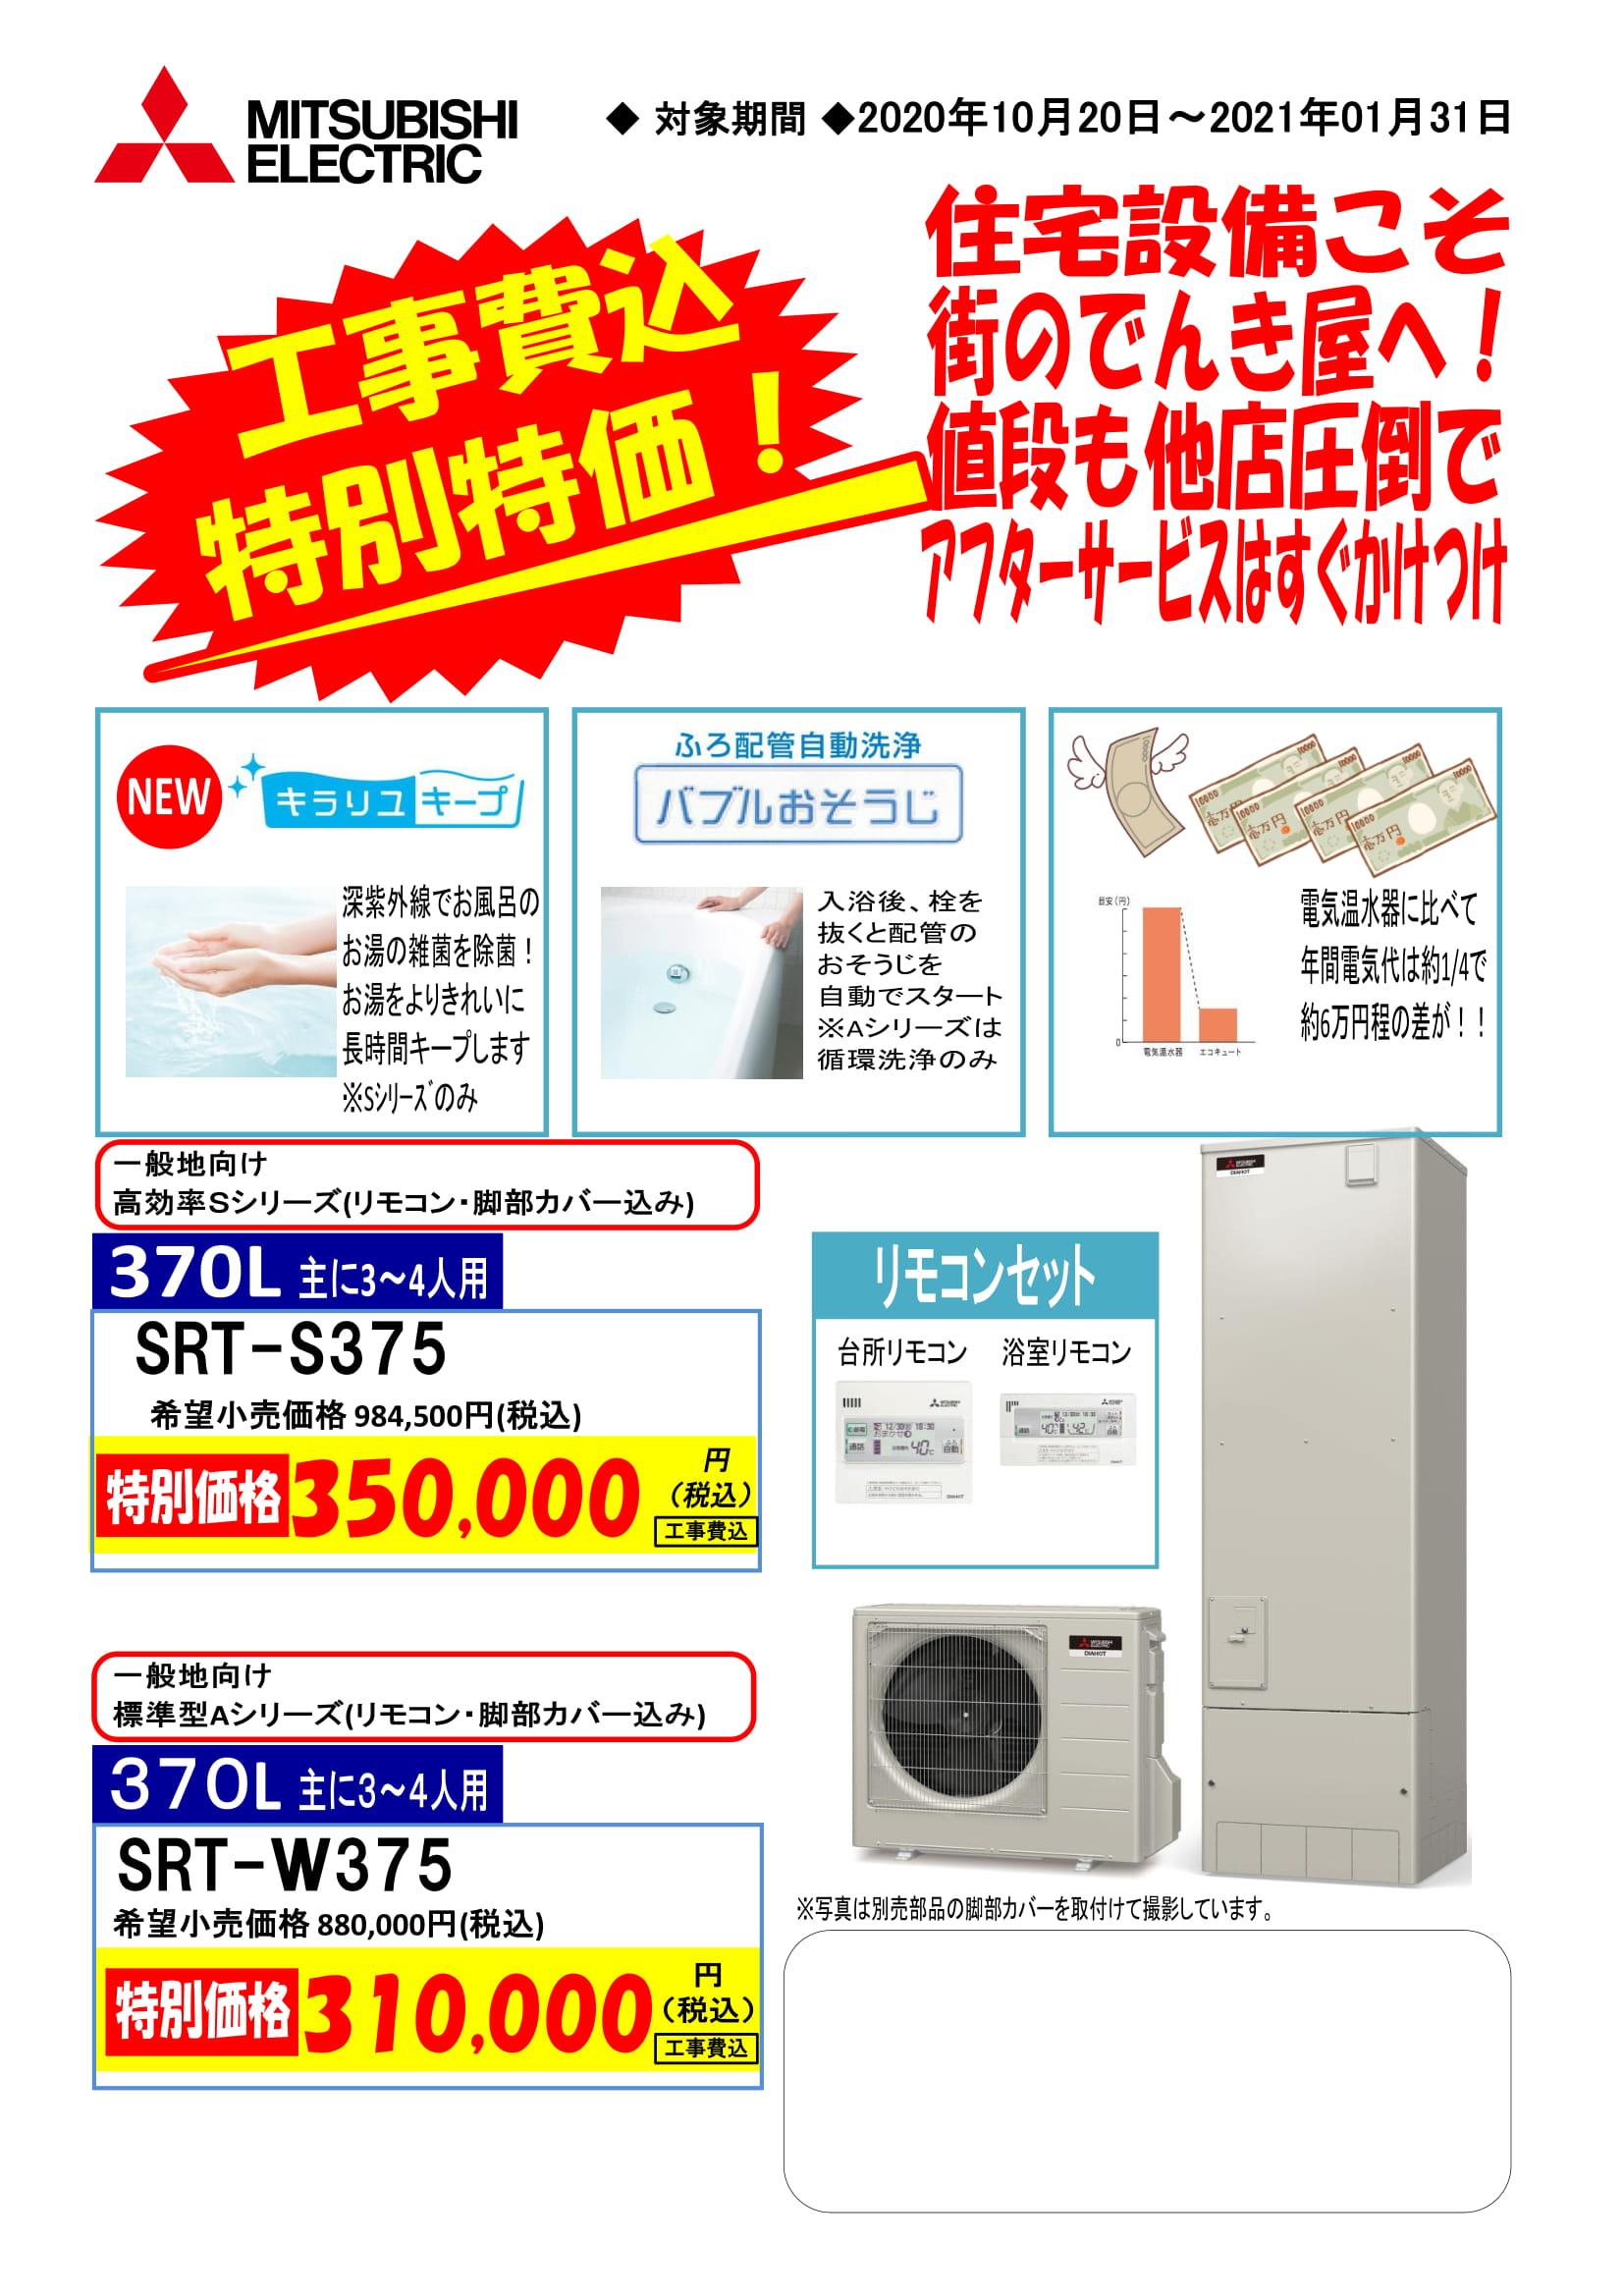 京都でエコキュートを買うならでんきの大京へ。 据付工事・点検・修理はおまかせください。